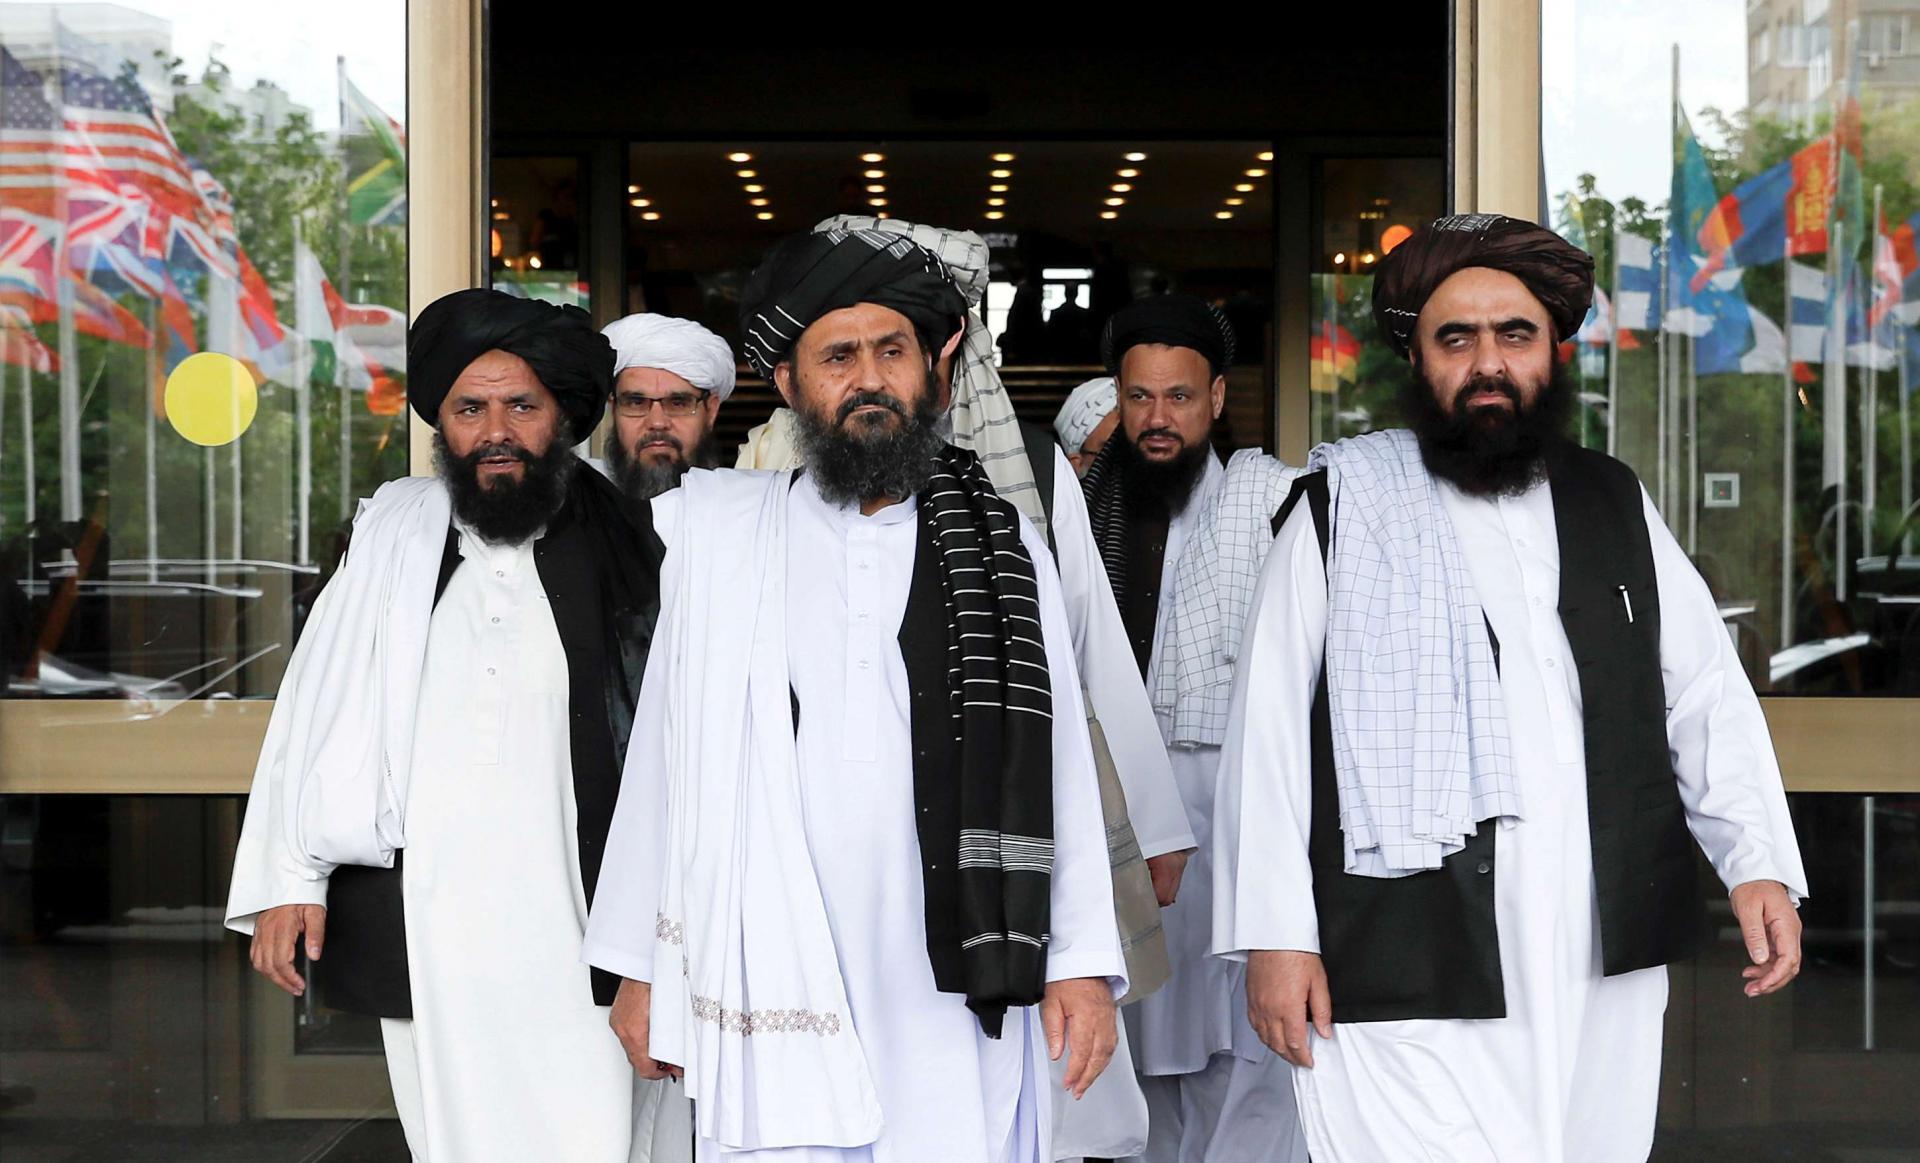 هشدار وزیر امور خارجه افغانستان: تروریسم خوب و بد ندارد